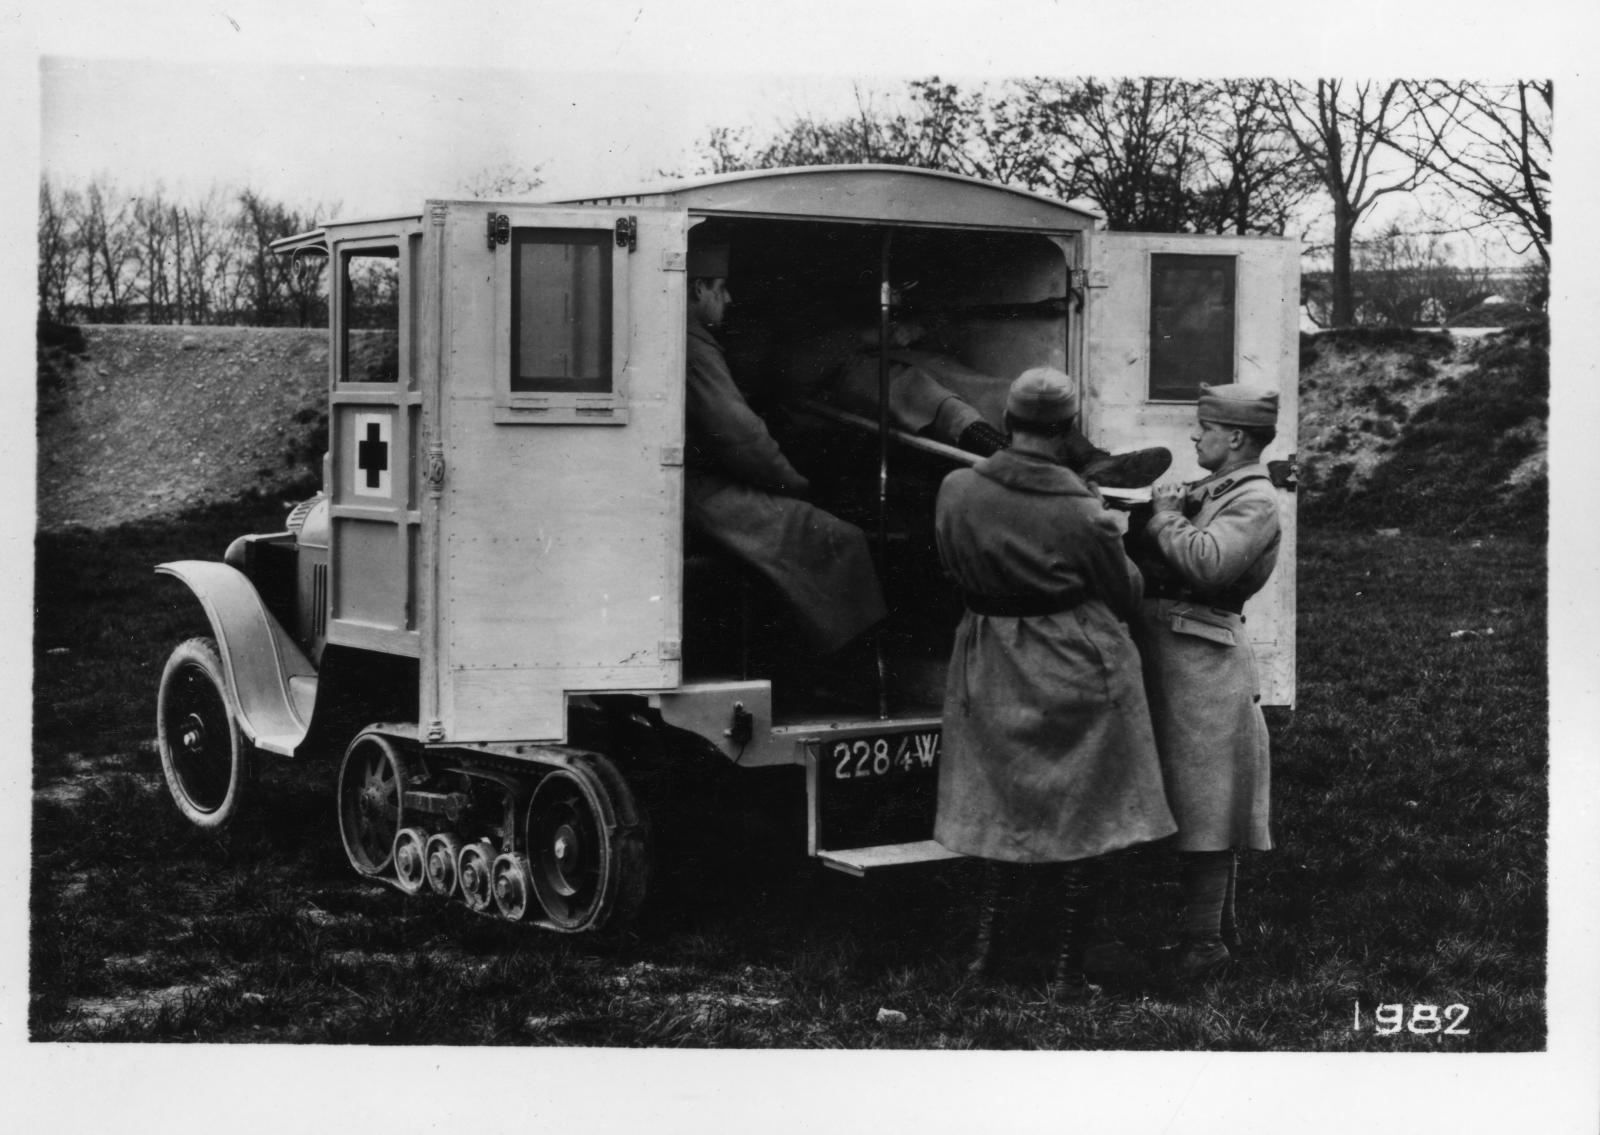 Type K1, Autochenille B2 Ambulance